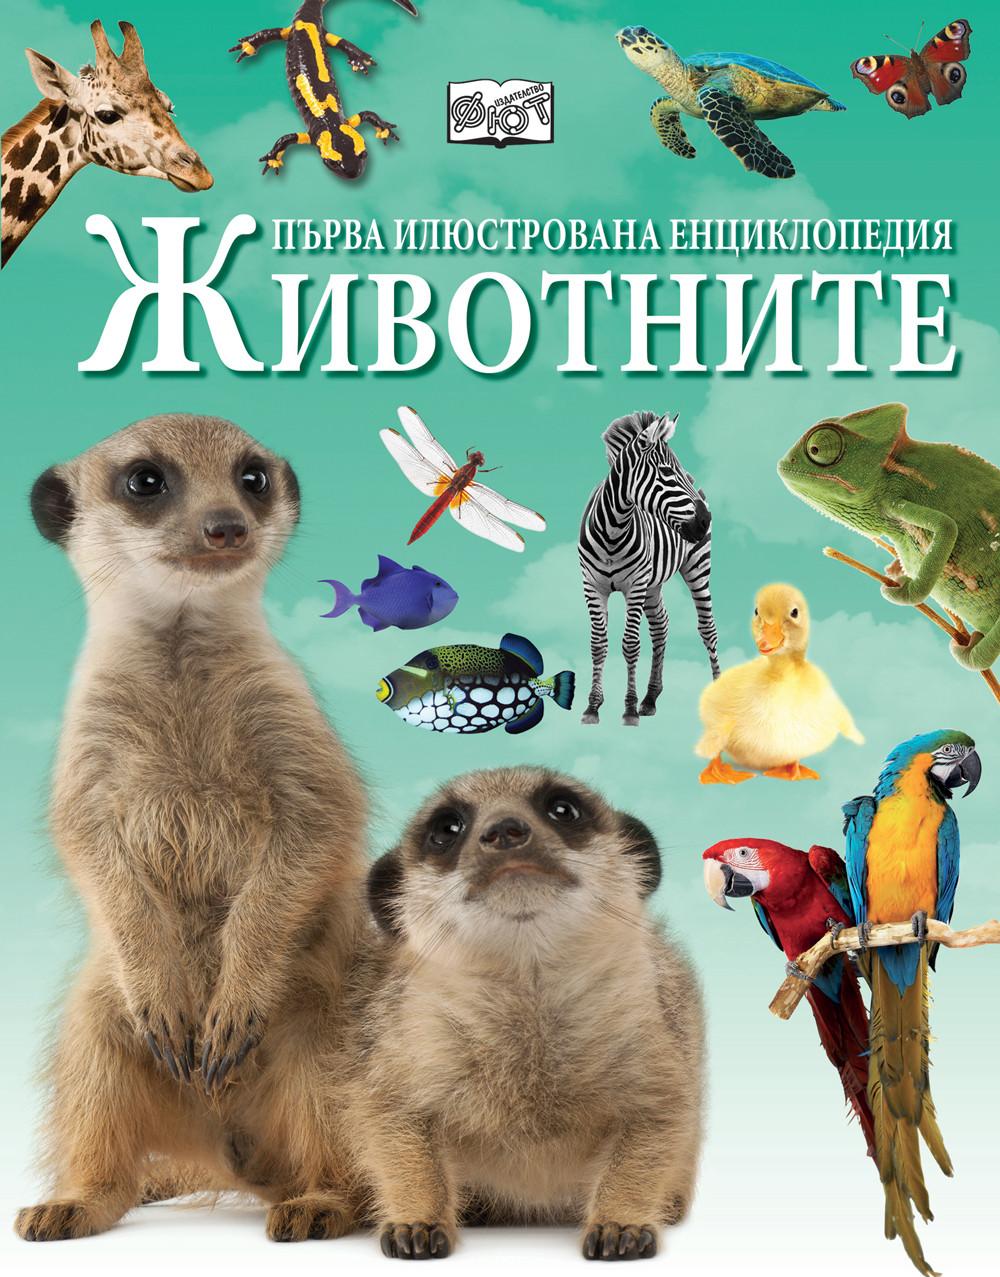 Първа илюстрована енциклопедия ЖИВОТНИТЕ